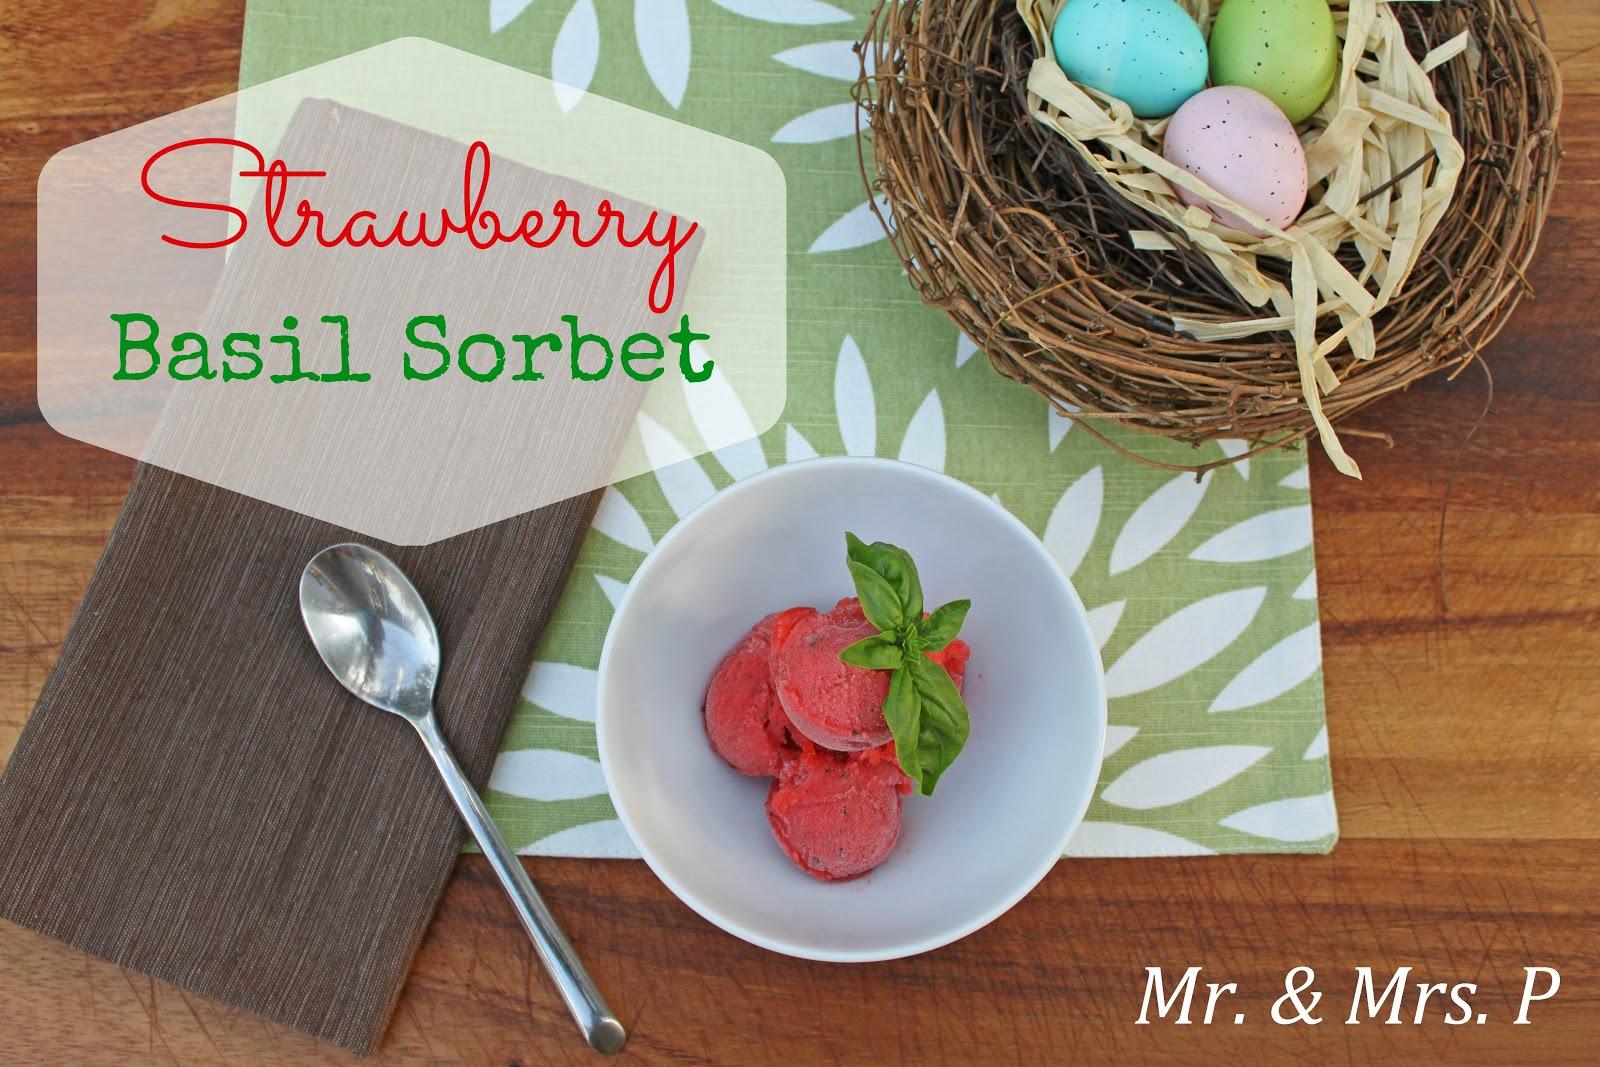 ... strawberry basil sorbet strawberry basil sorbet strawberries basil